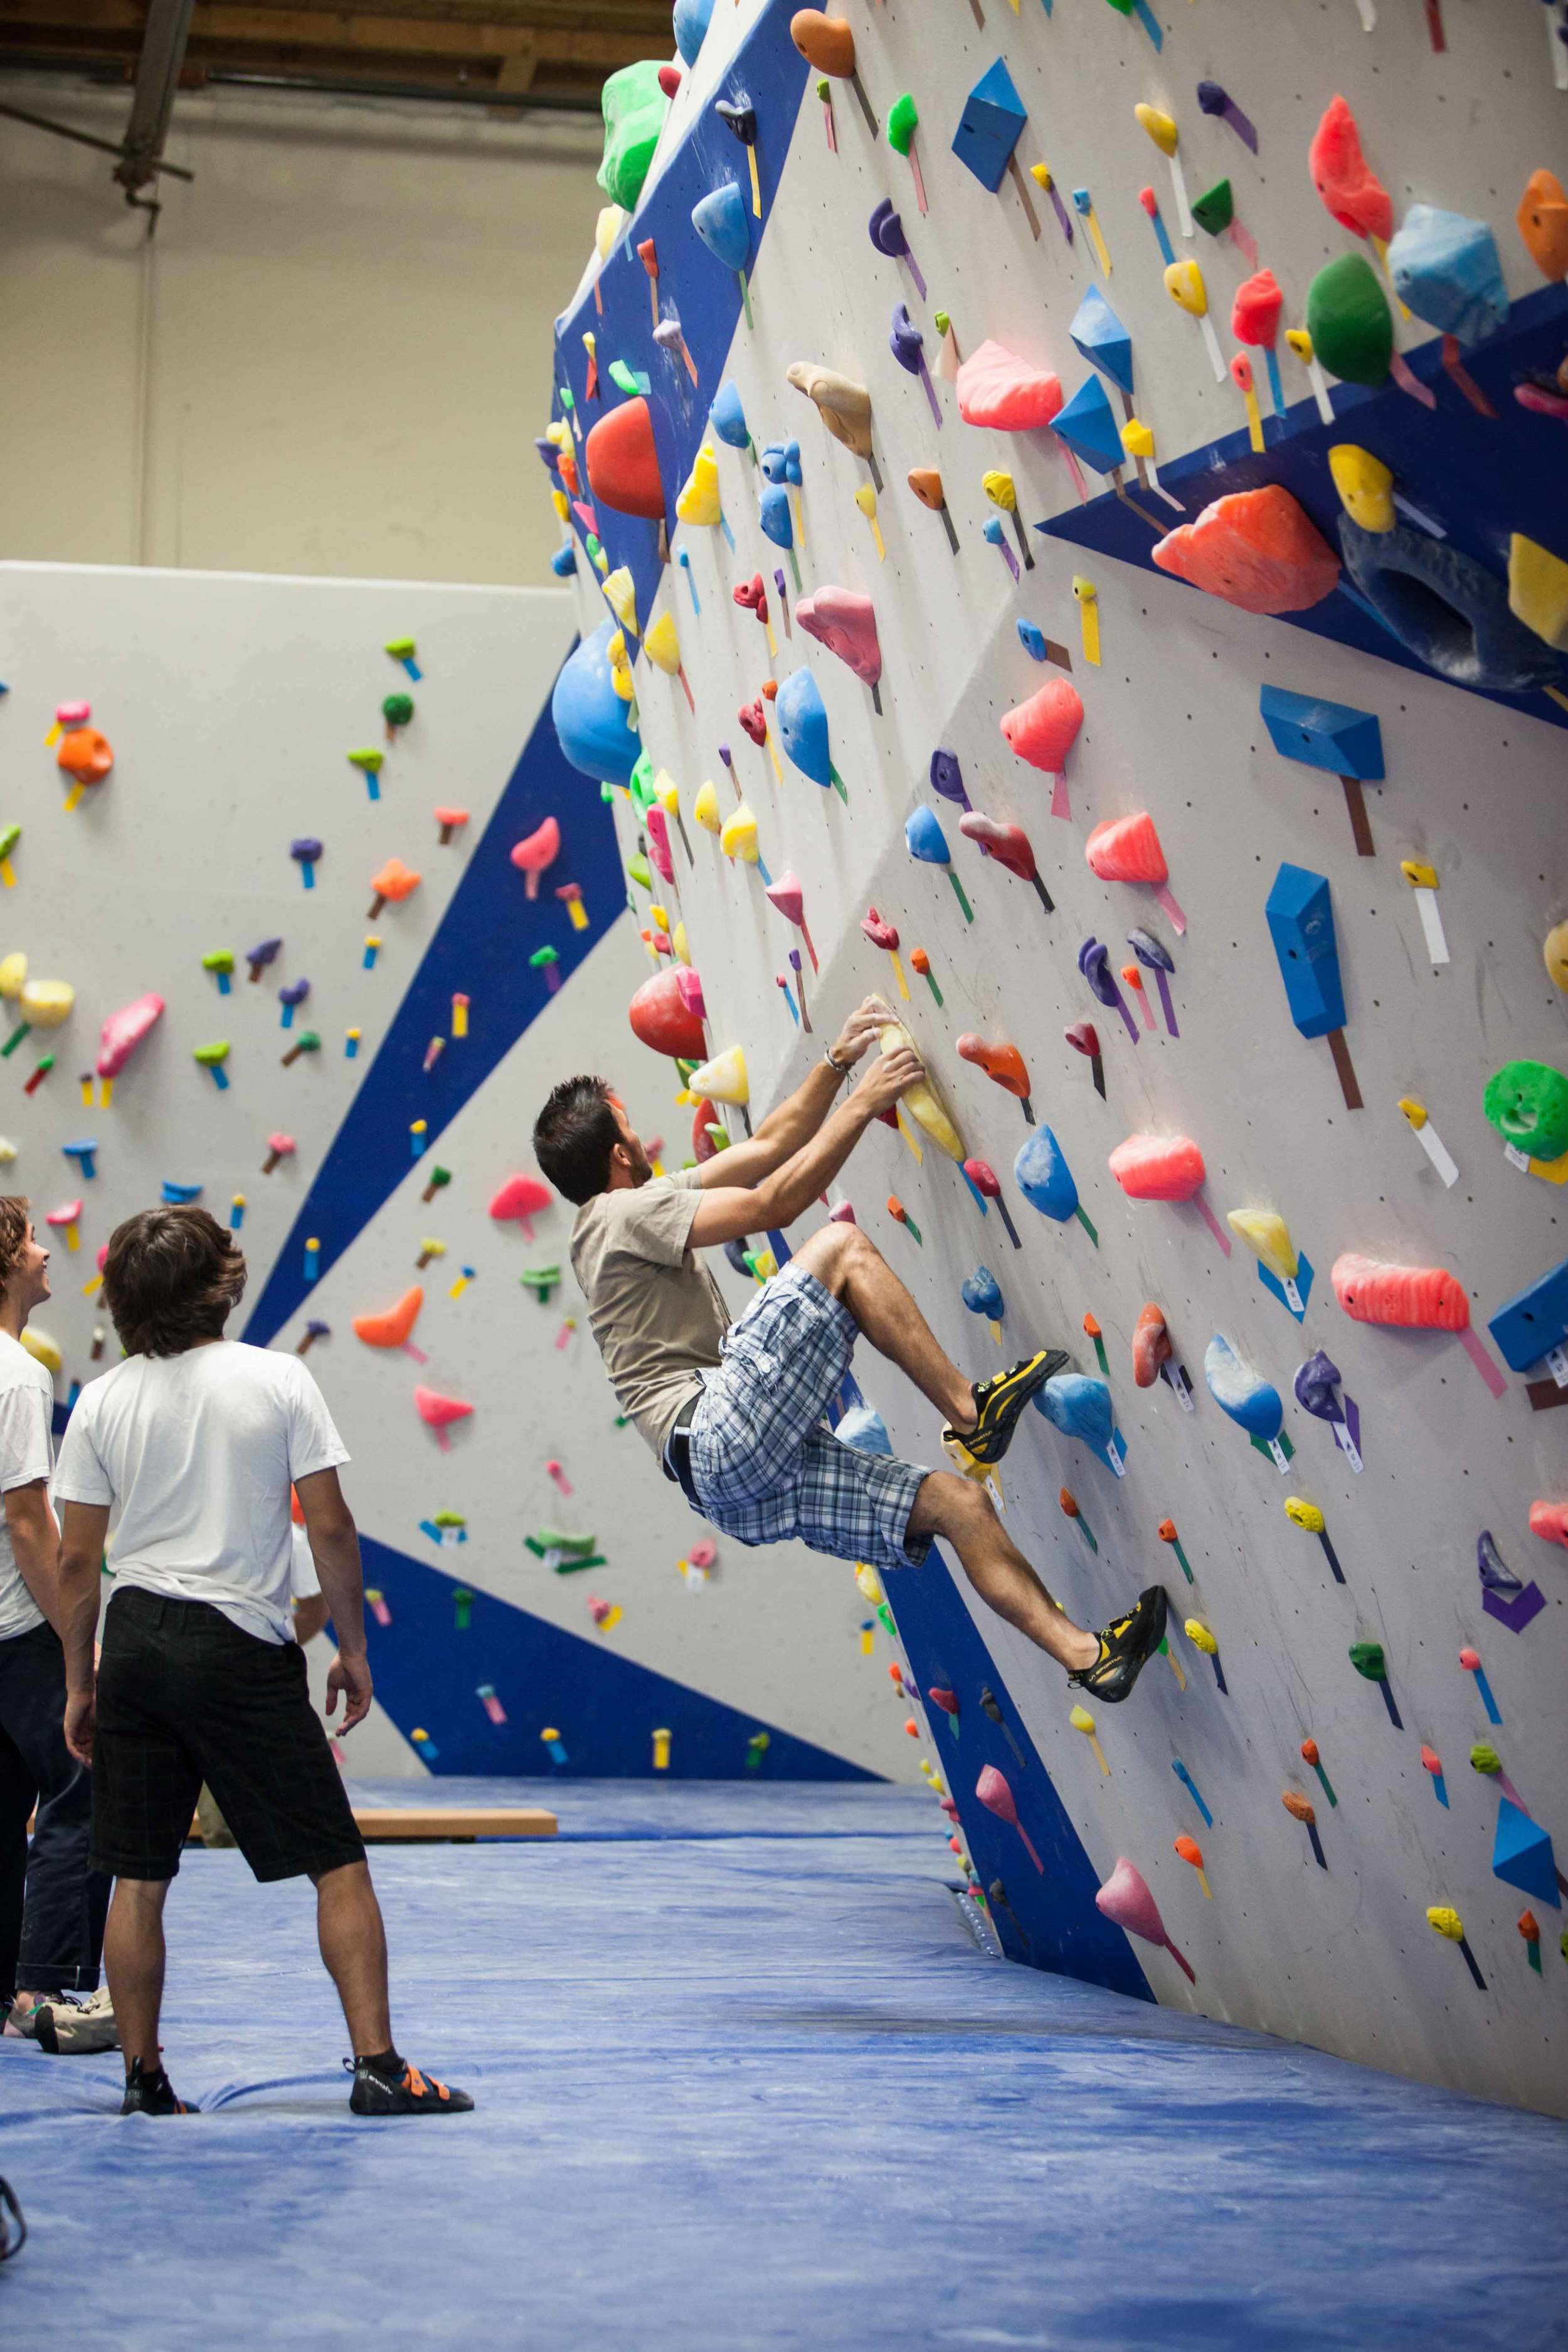 Climber beginning a boulder problem